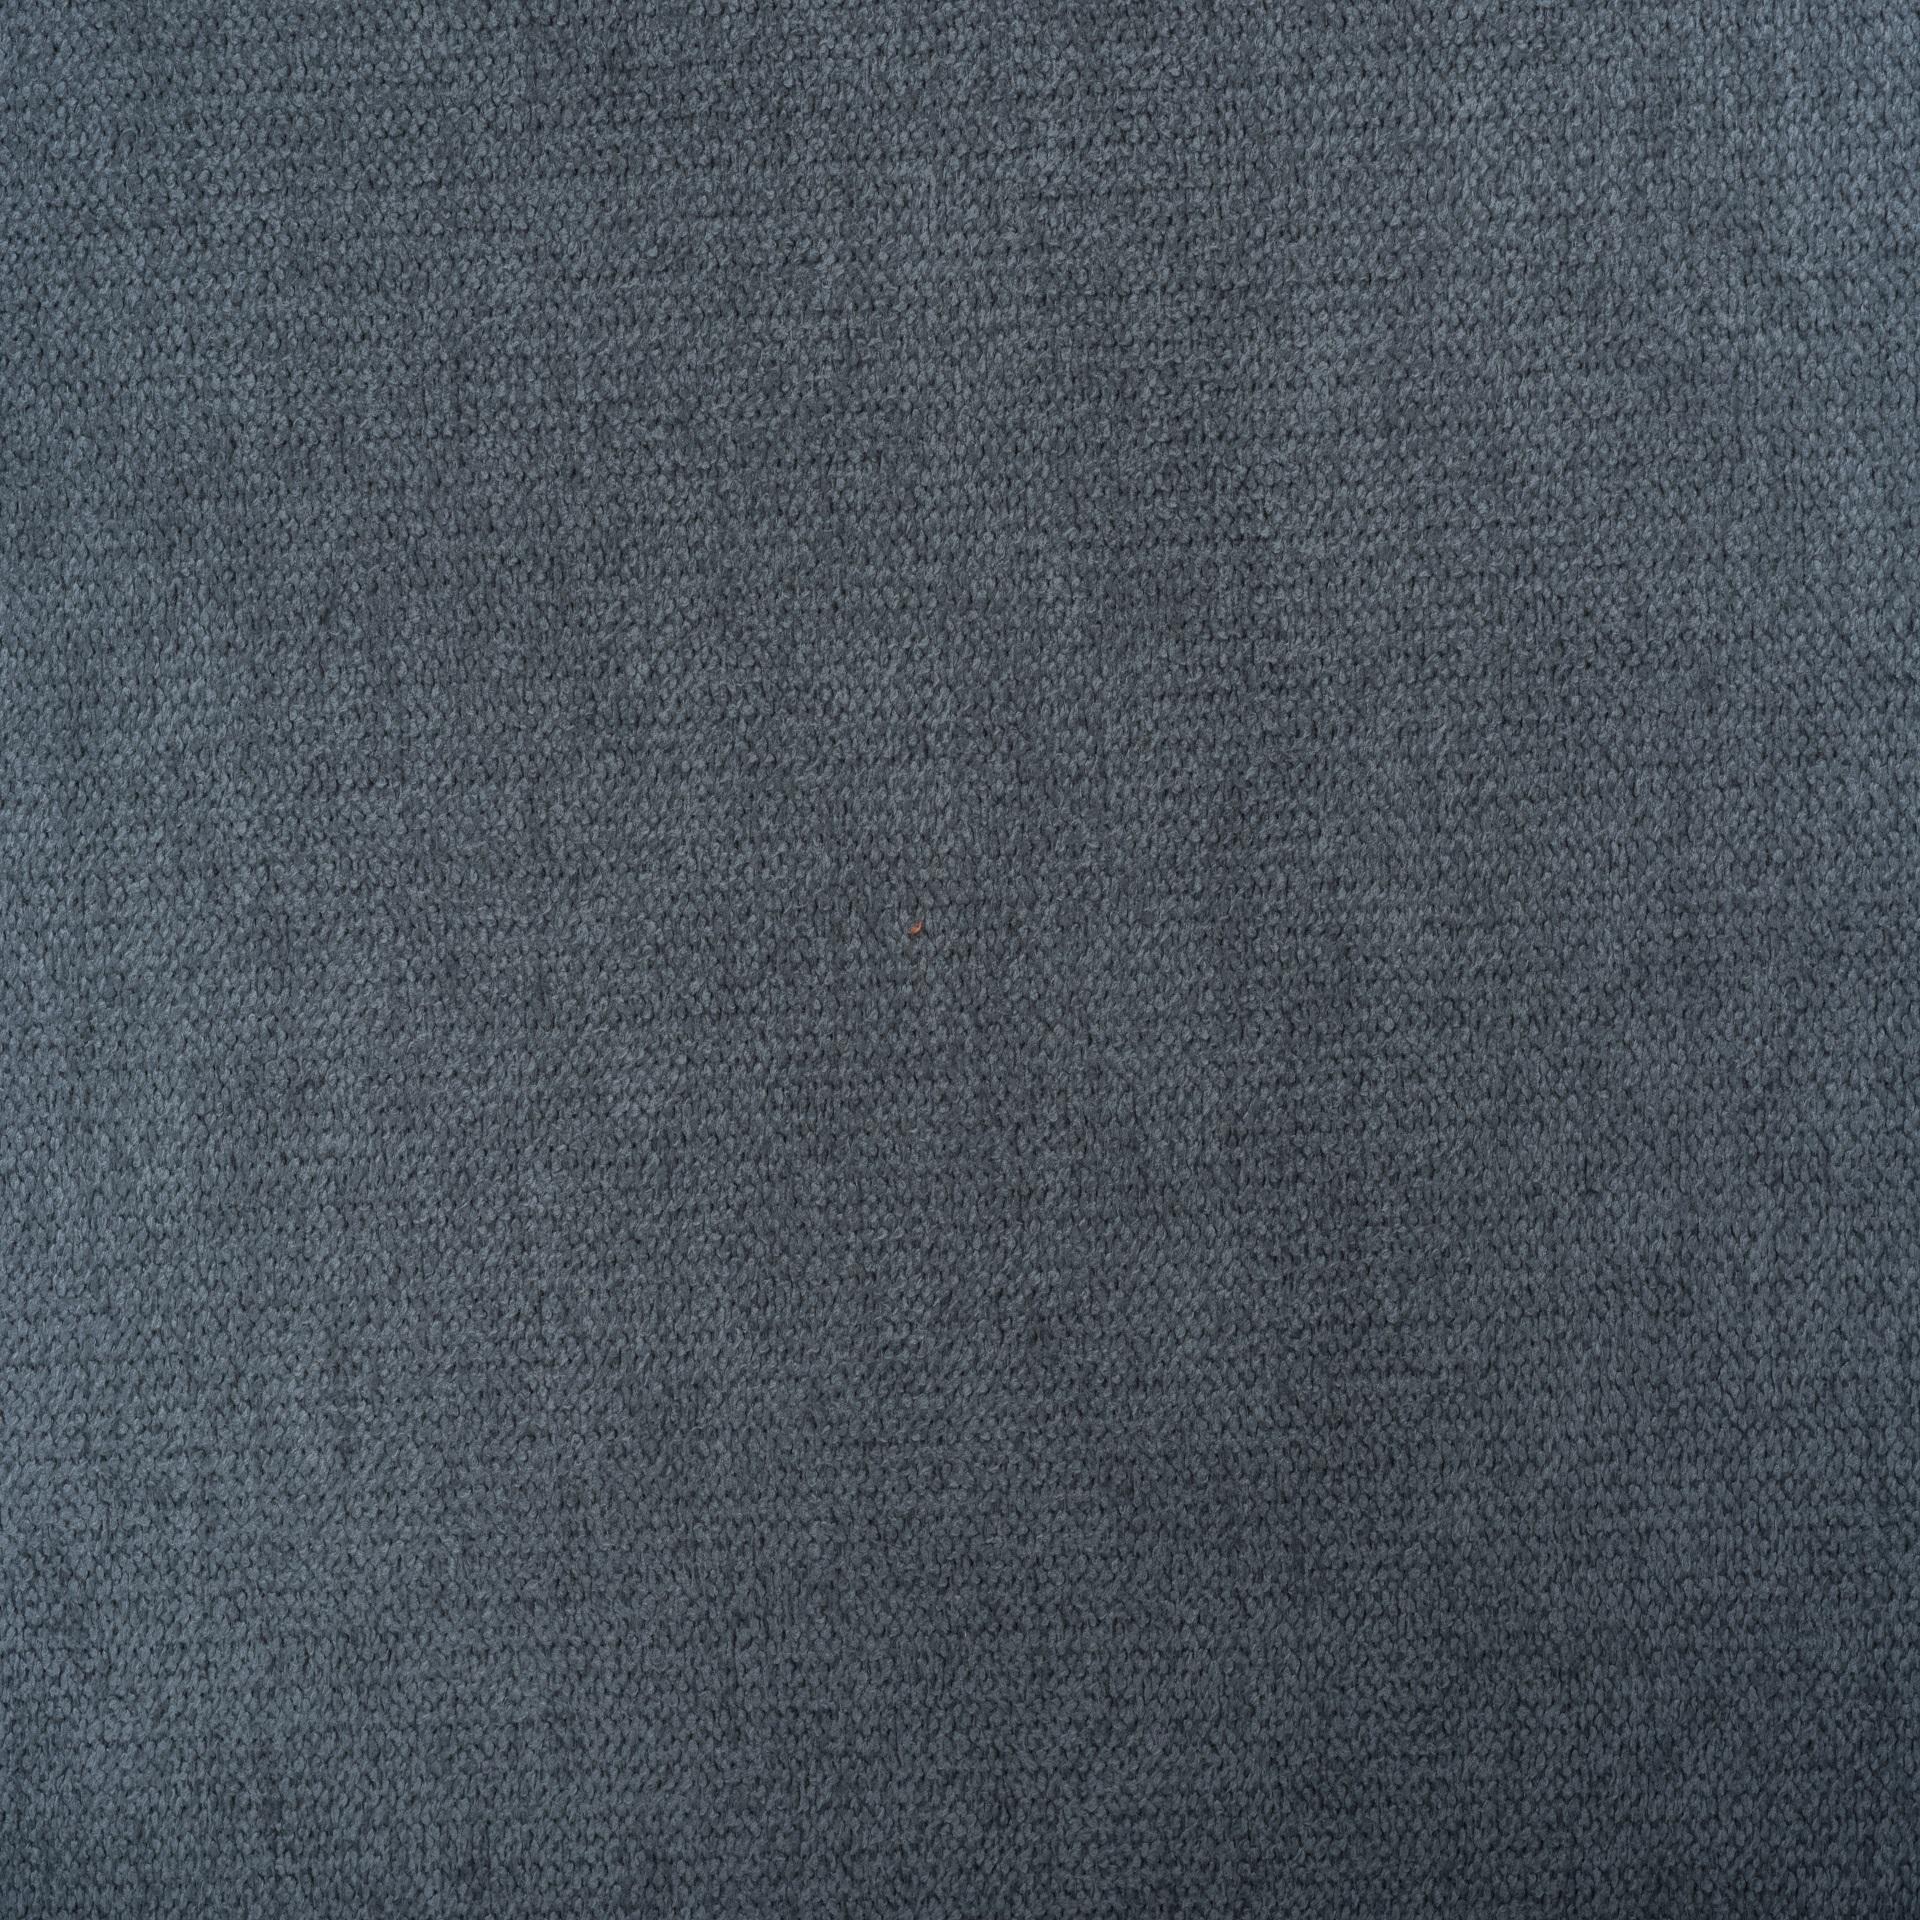 Коллекция ткани Аляска 65,  купить ткань Жаккард для мебели Украина